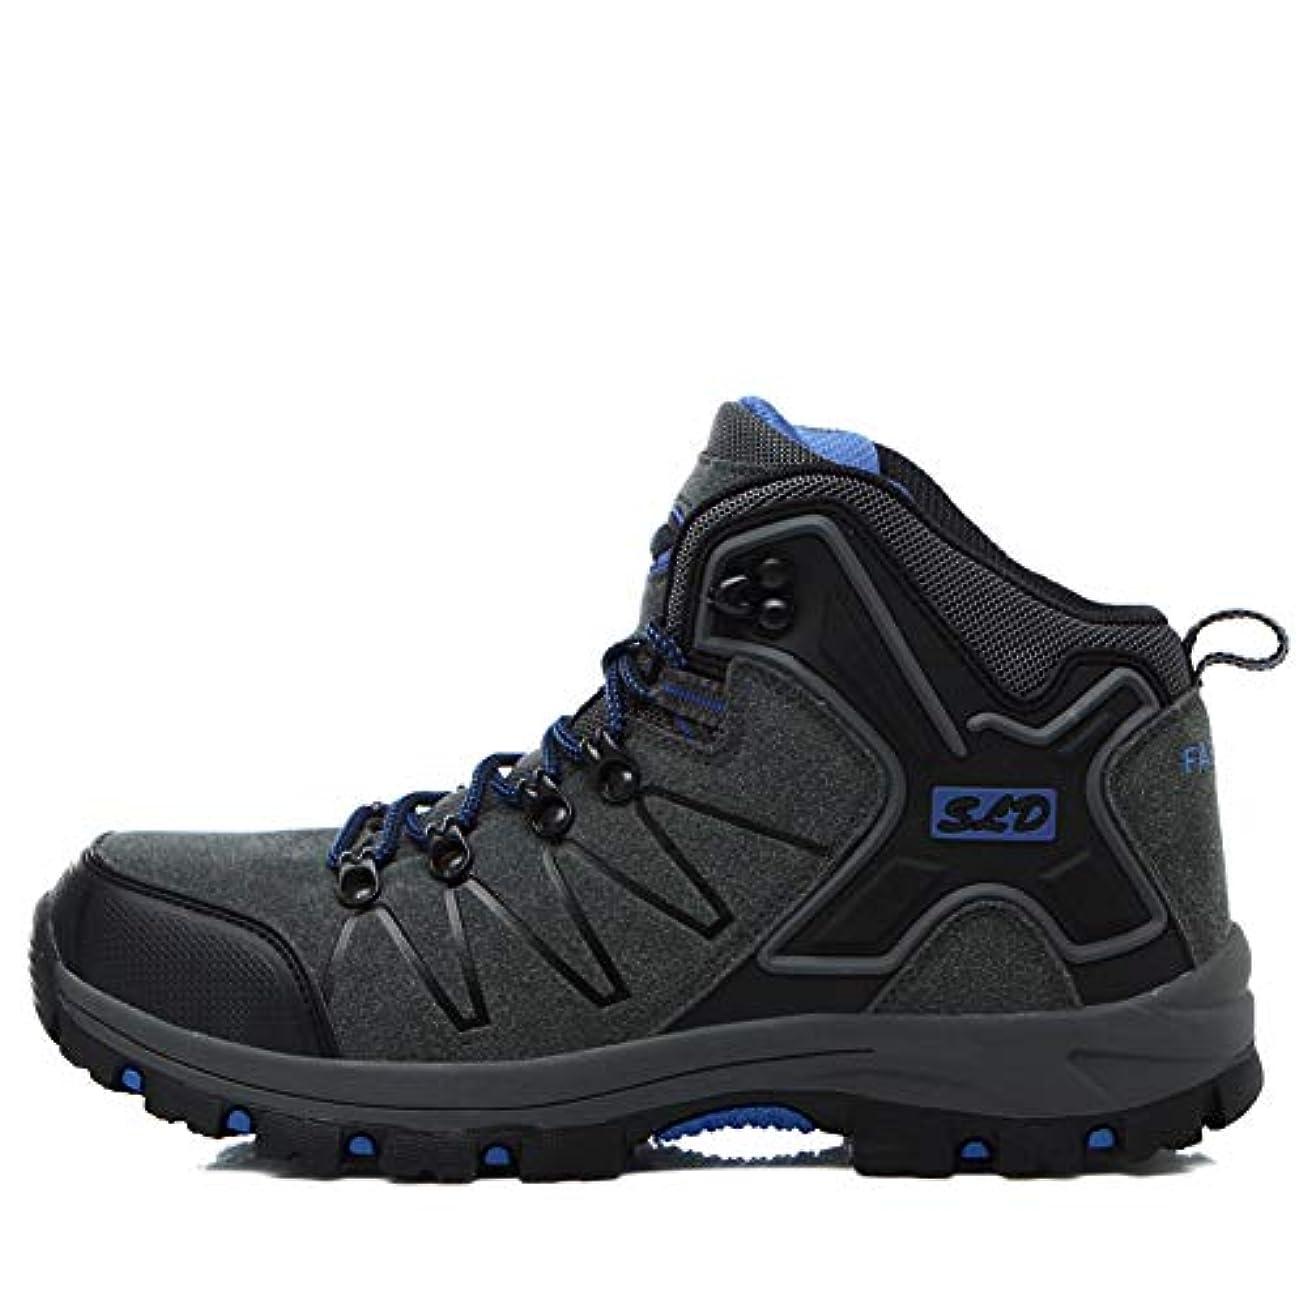 膿瘍成長するはげ[TcIFE] トレッキングシューズ メンズ 防水 防滑 ハイカット 登山靴 大きいサイズ ハイキングシューズ メンズ 耐磨耗 ハイキングシューズ メンズ 通気性 スニーカー